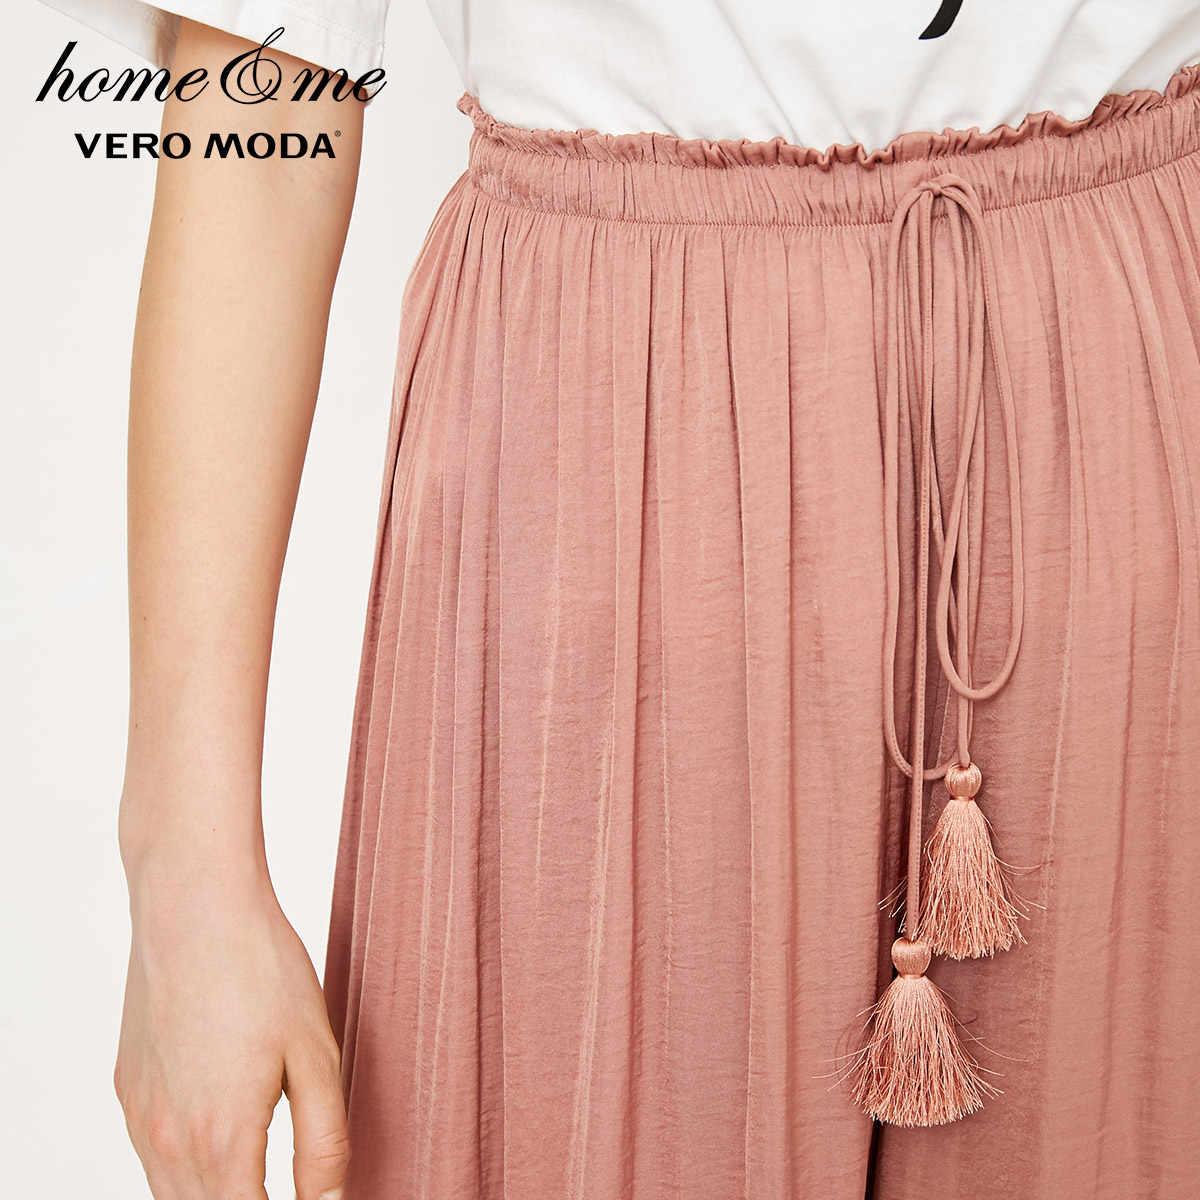 Vero Moda женские новые талии декоративные три четверти широкие повседневные брюки | 3182P7501